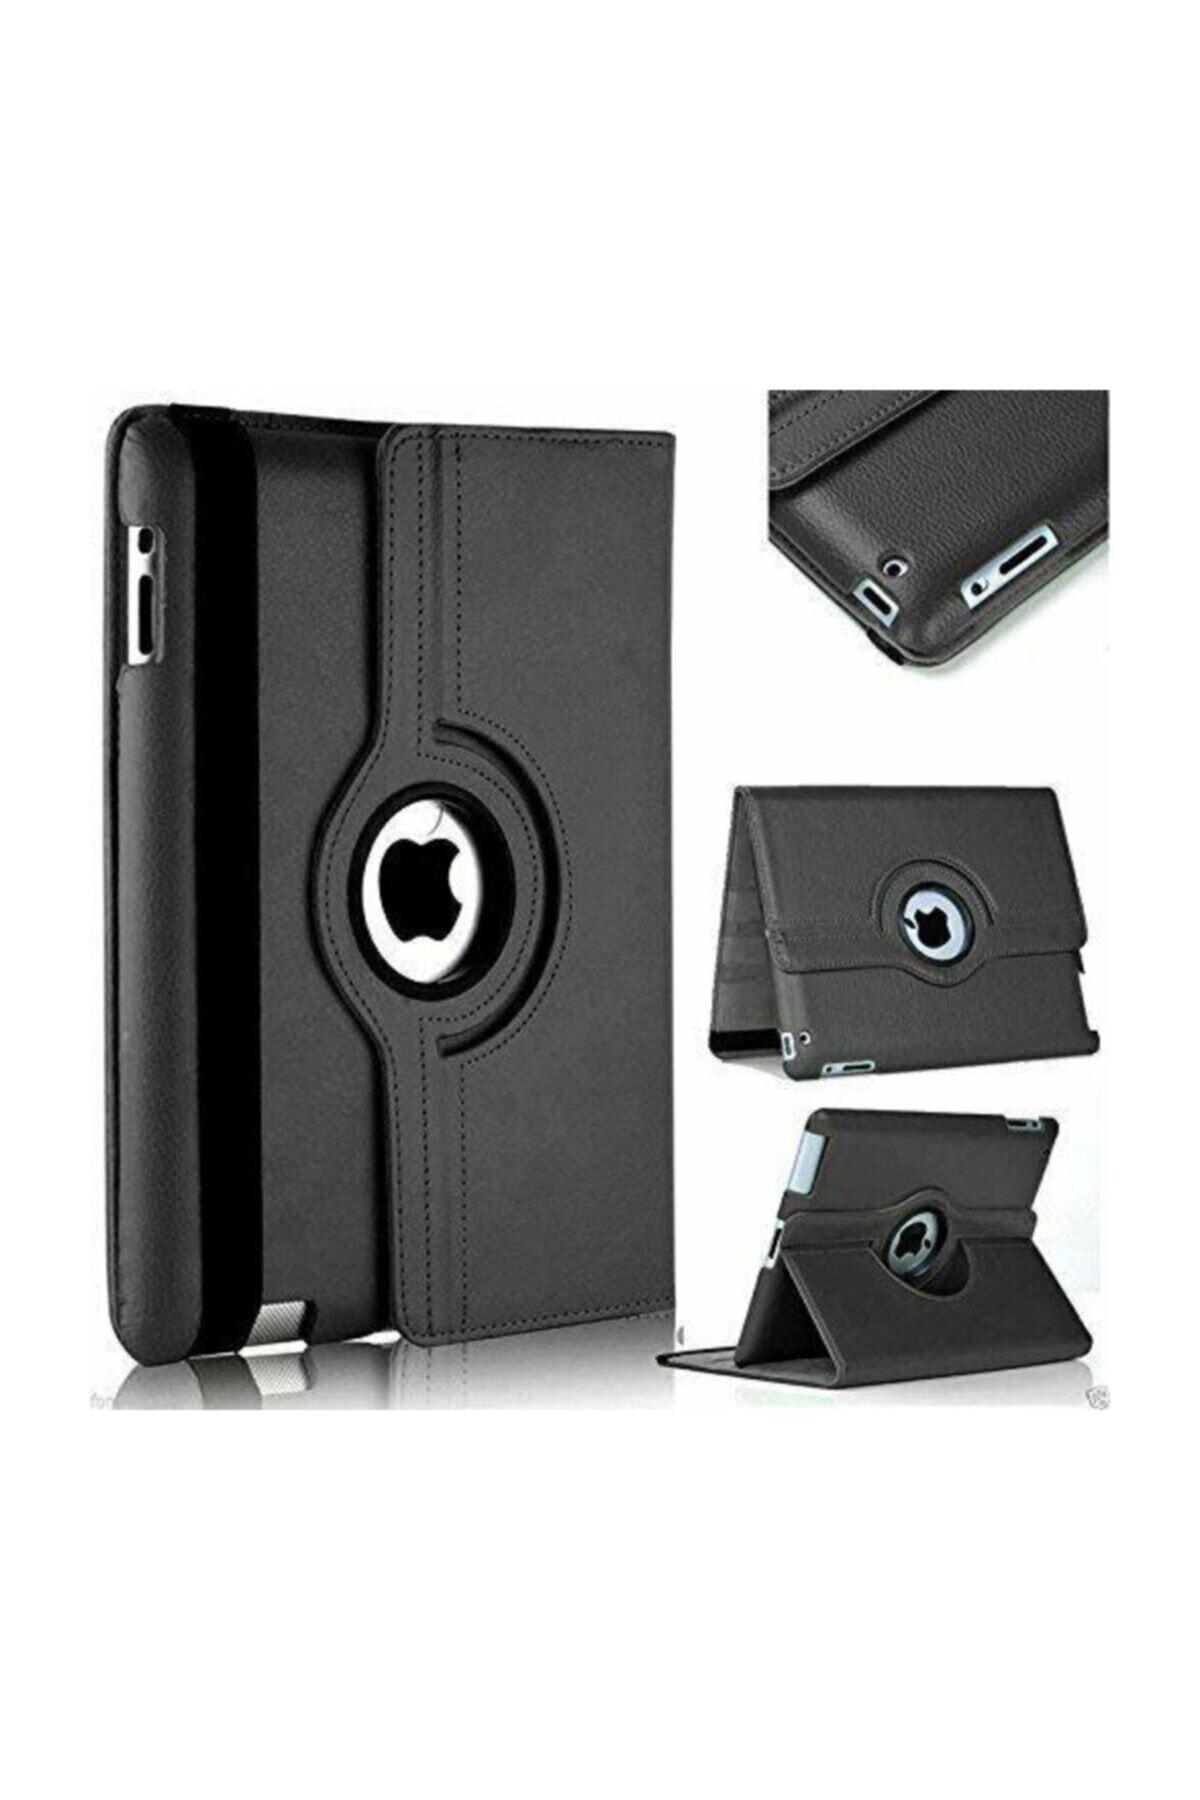 zore Ipad Air 3 Uyumlu  Tablet Kılıfı 1